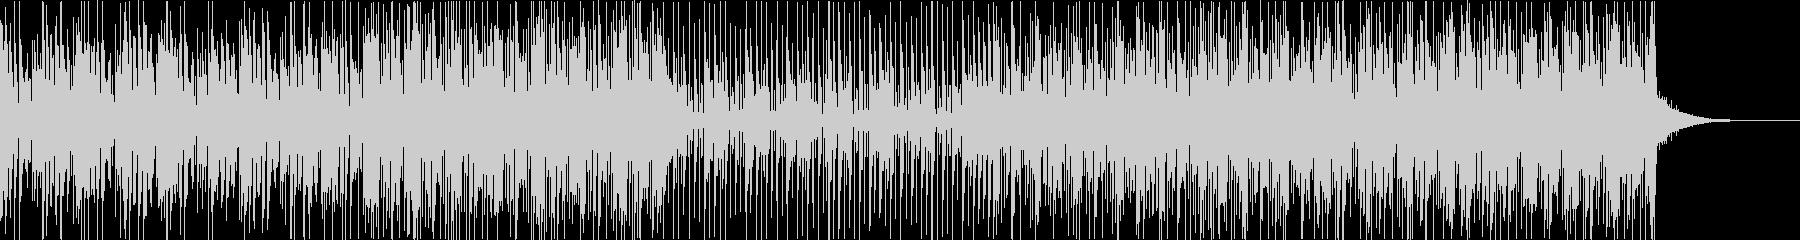 カホンを使用したエレクトロファンクビートの未再生の波形